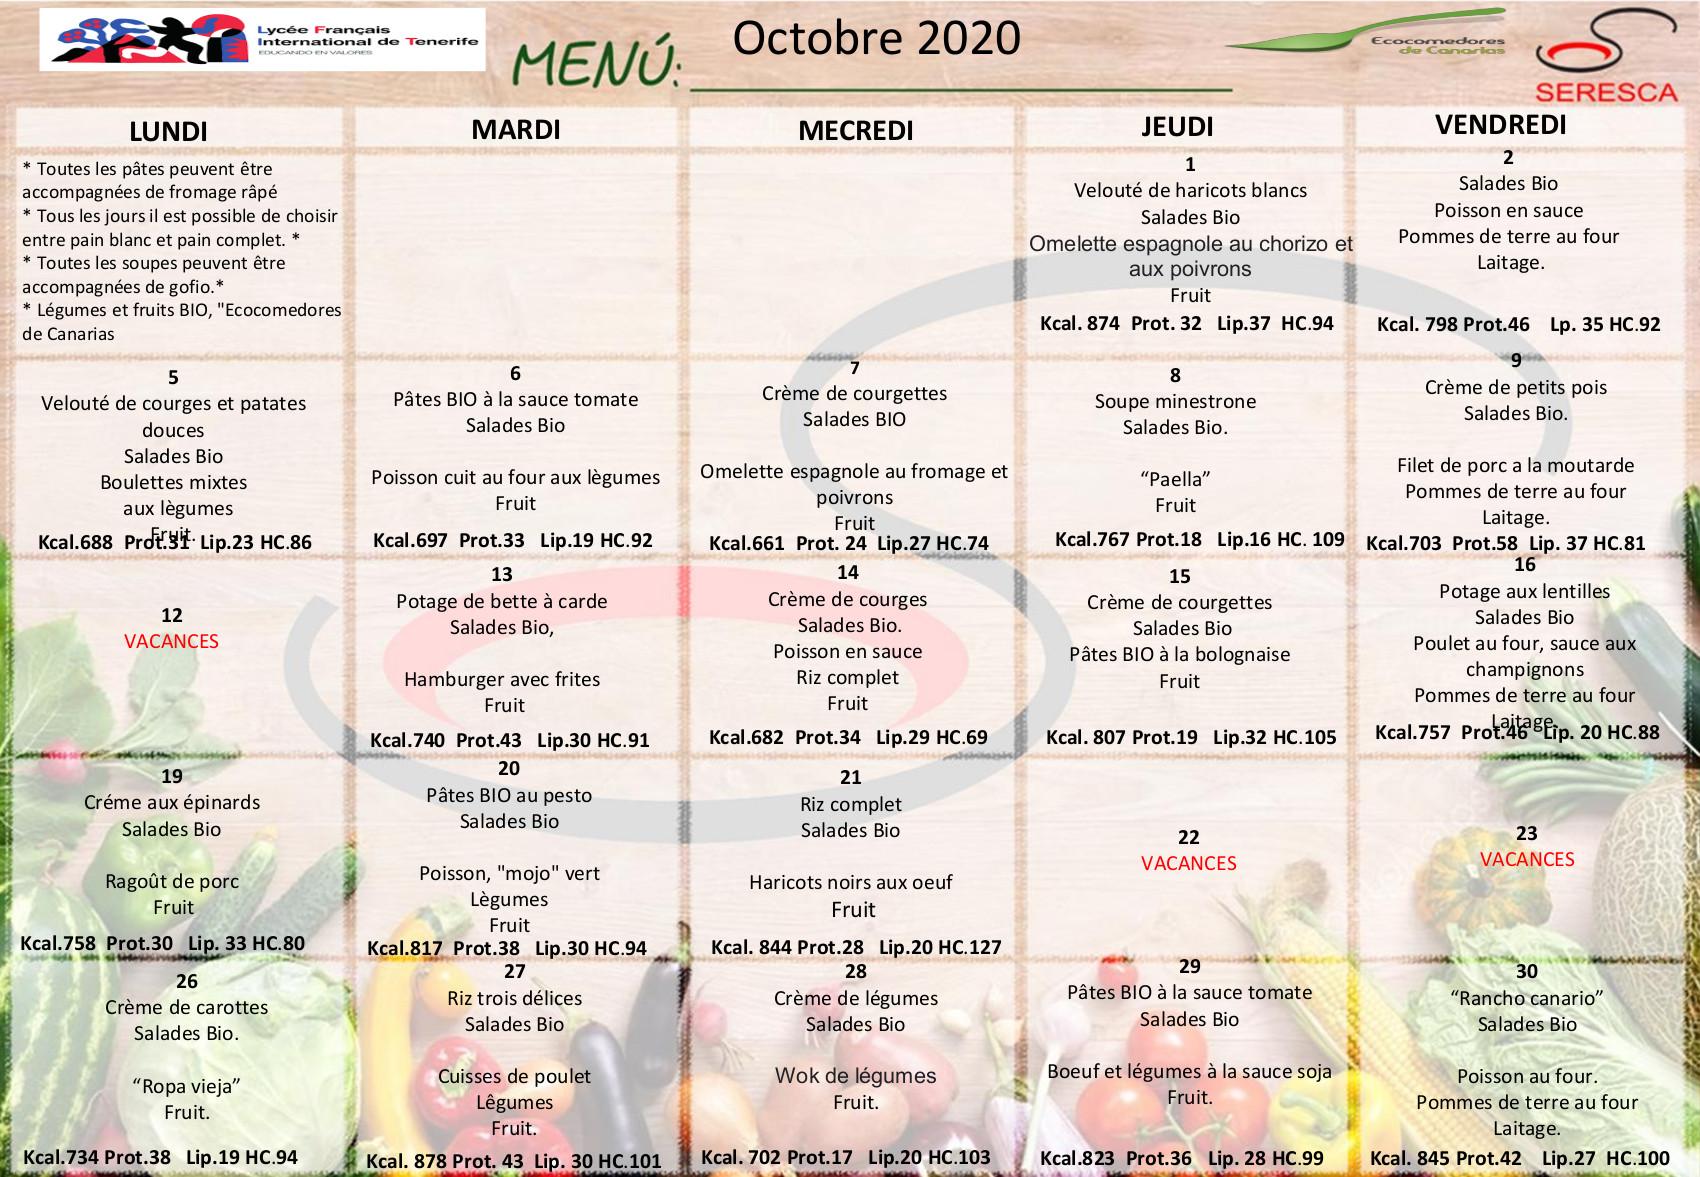 Menu octobre